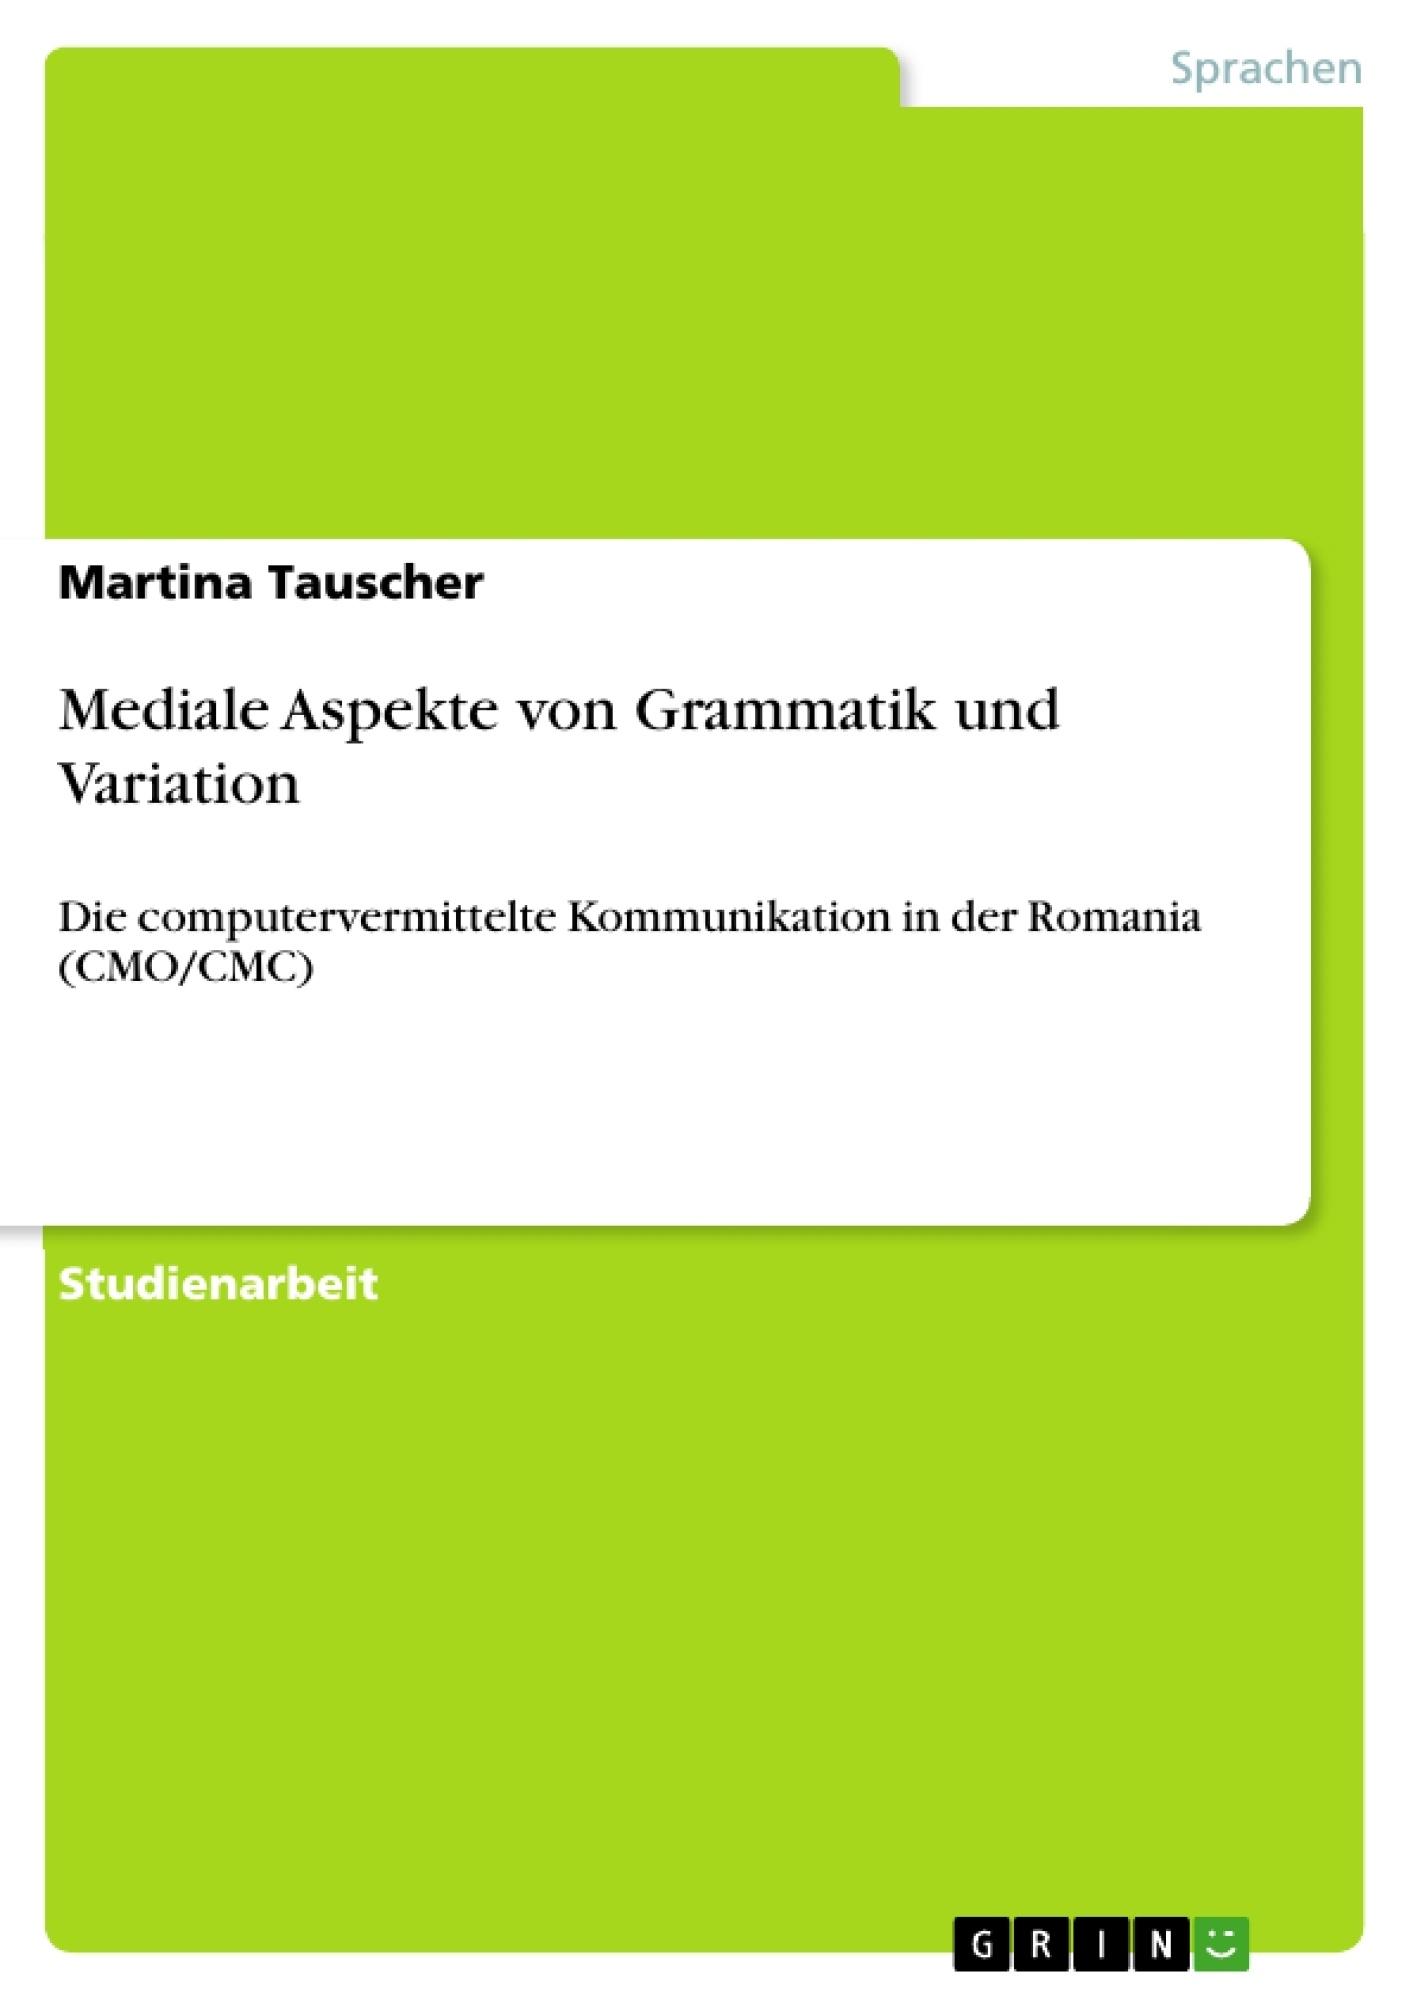 Titel: Mediale Aspekte von Grammatik und Variation